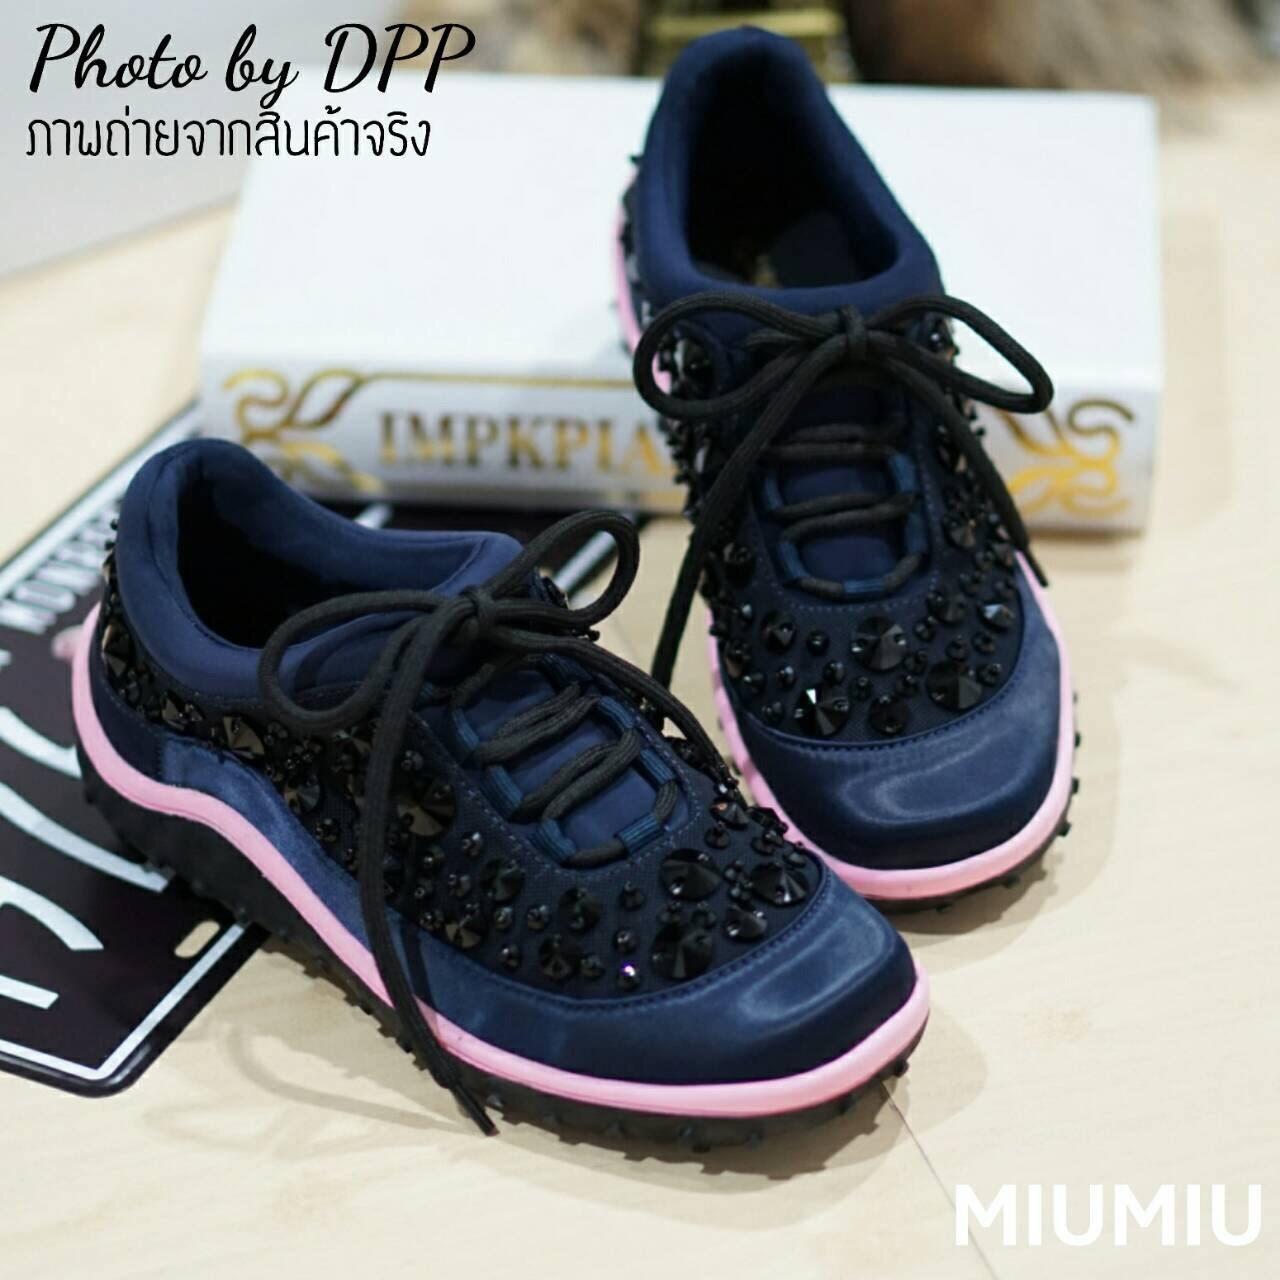 พร้อมส่ง : รองเท้าผ้าใบ MIUMIU Jeweled Satin Lace-Up Sneaker (สีกรม)